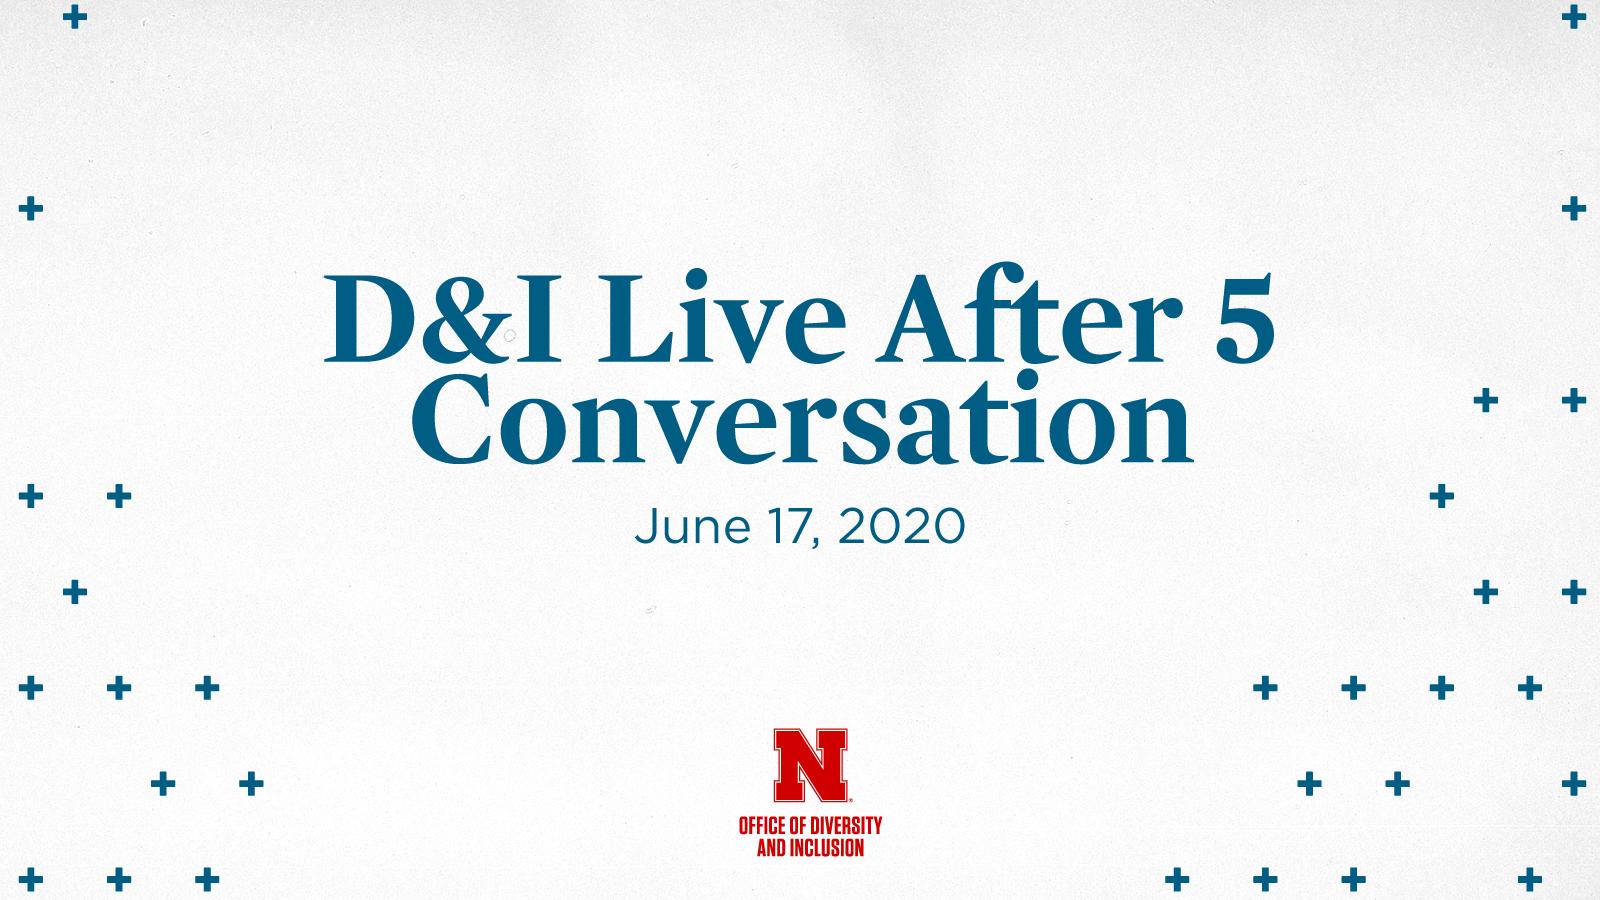 D&I Live After 5